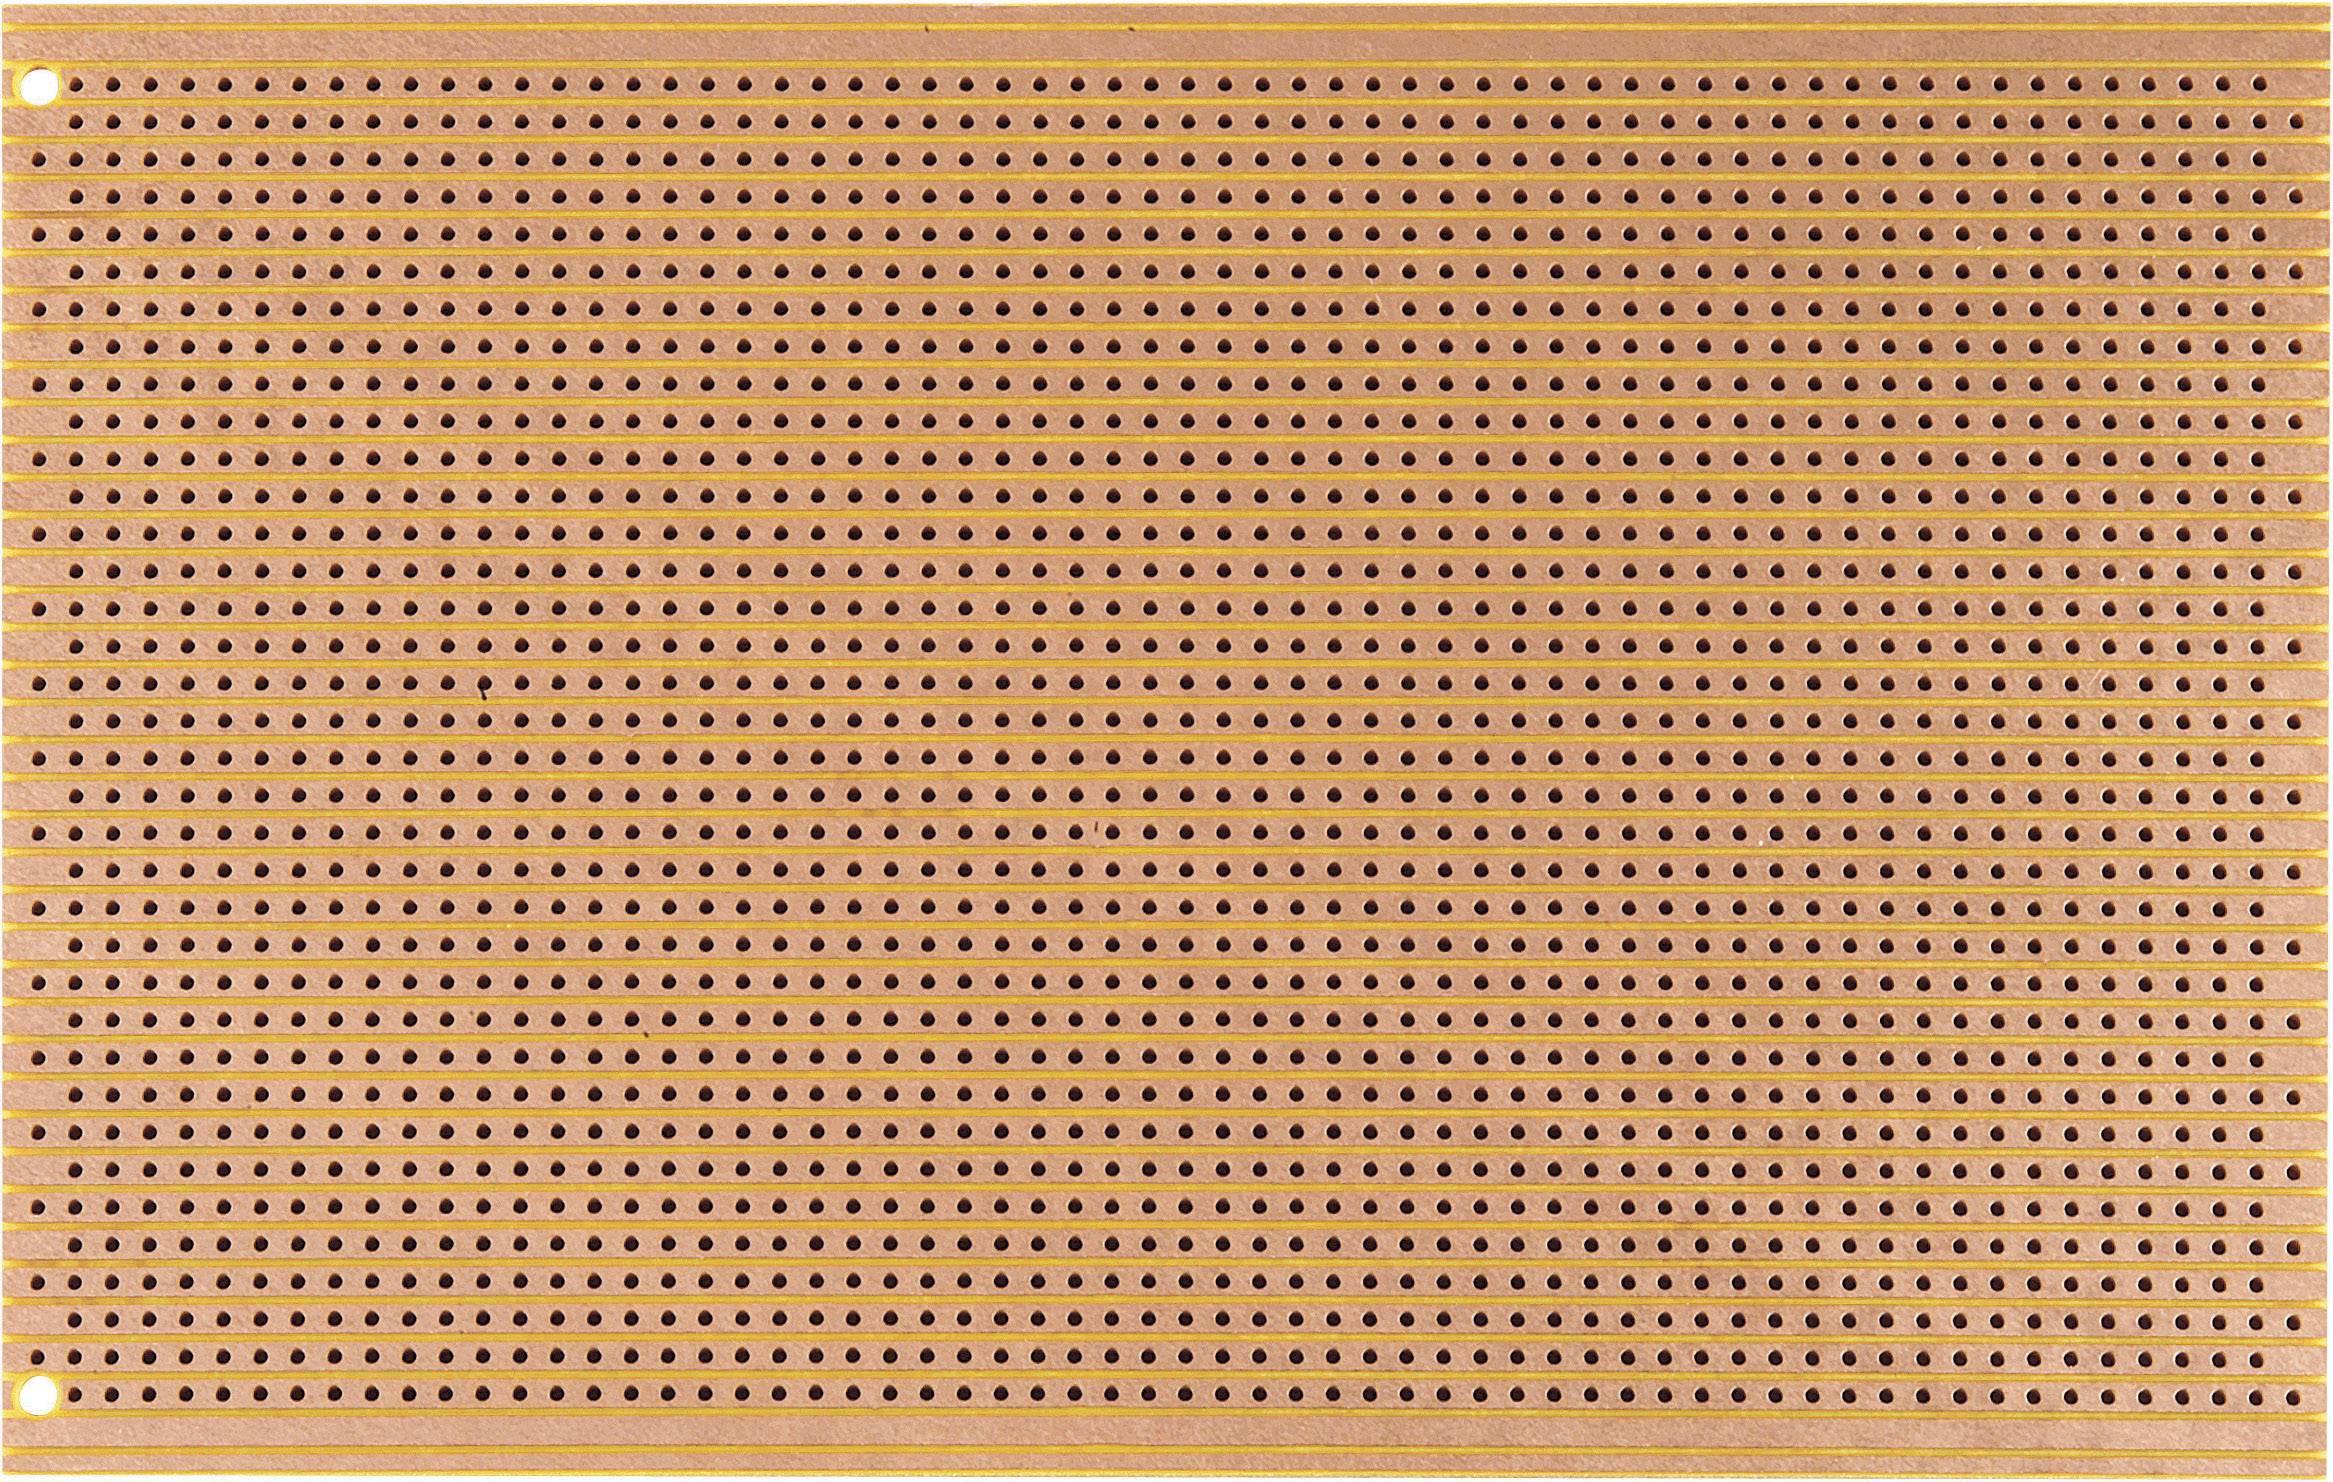 Zkušební deska 918 (pájecí bodové pruhy)